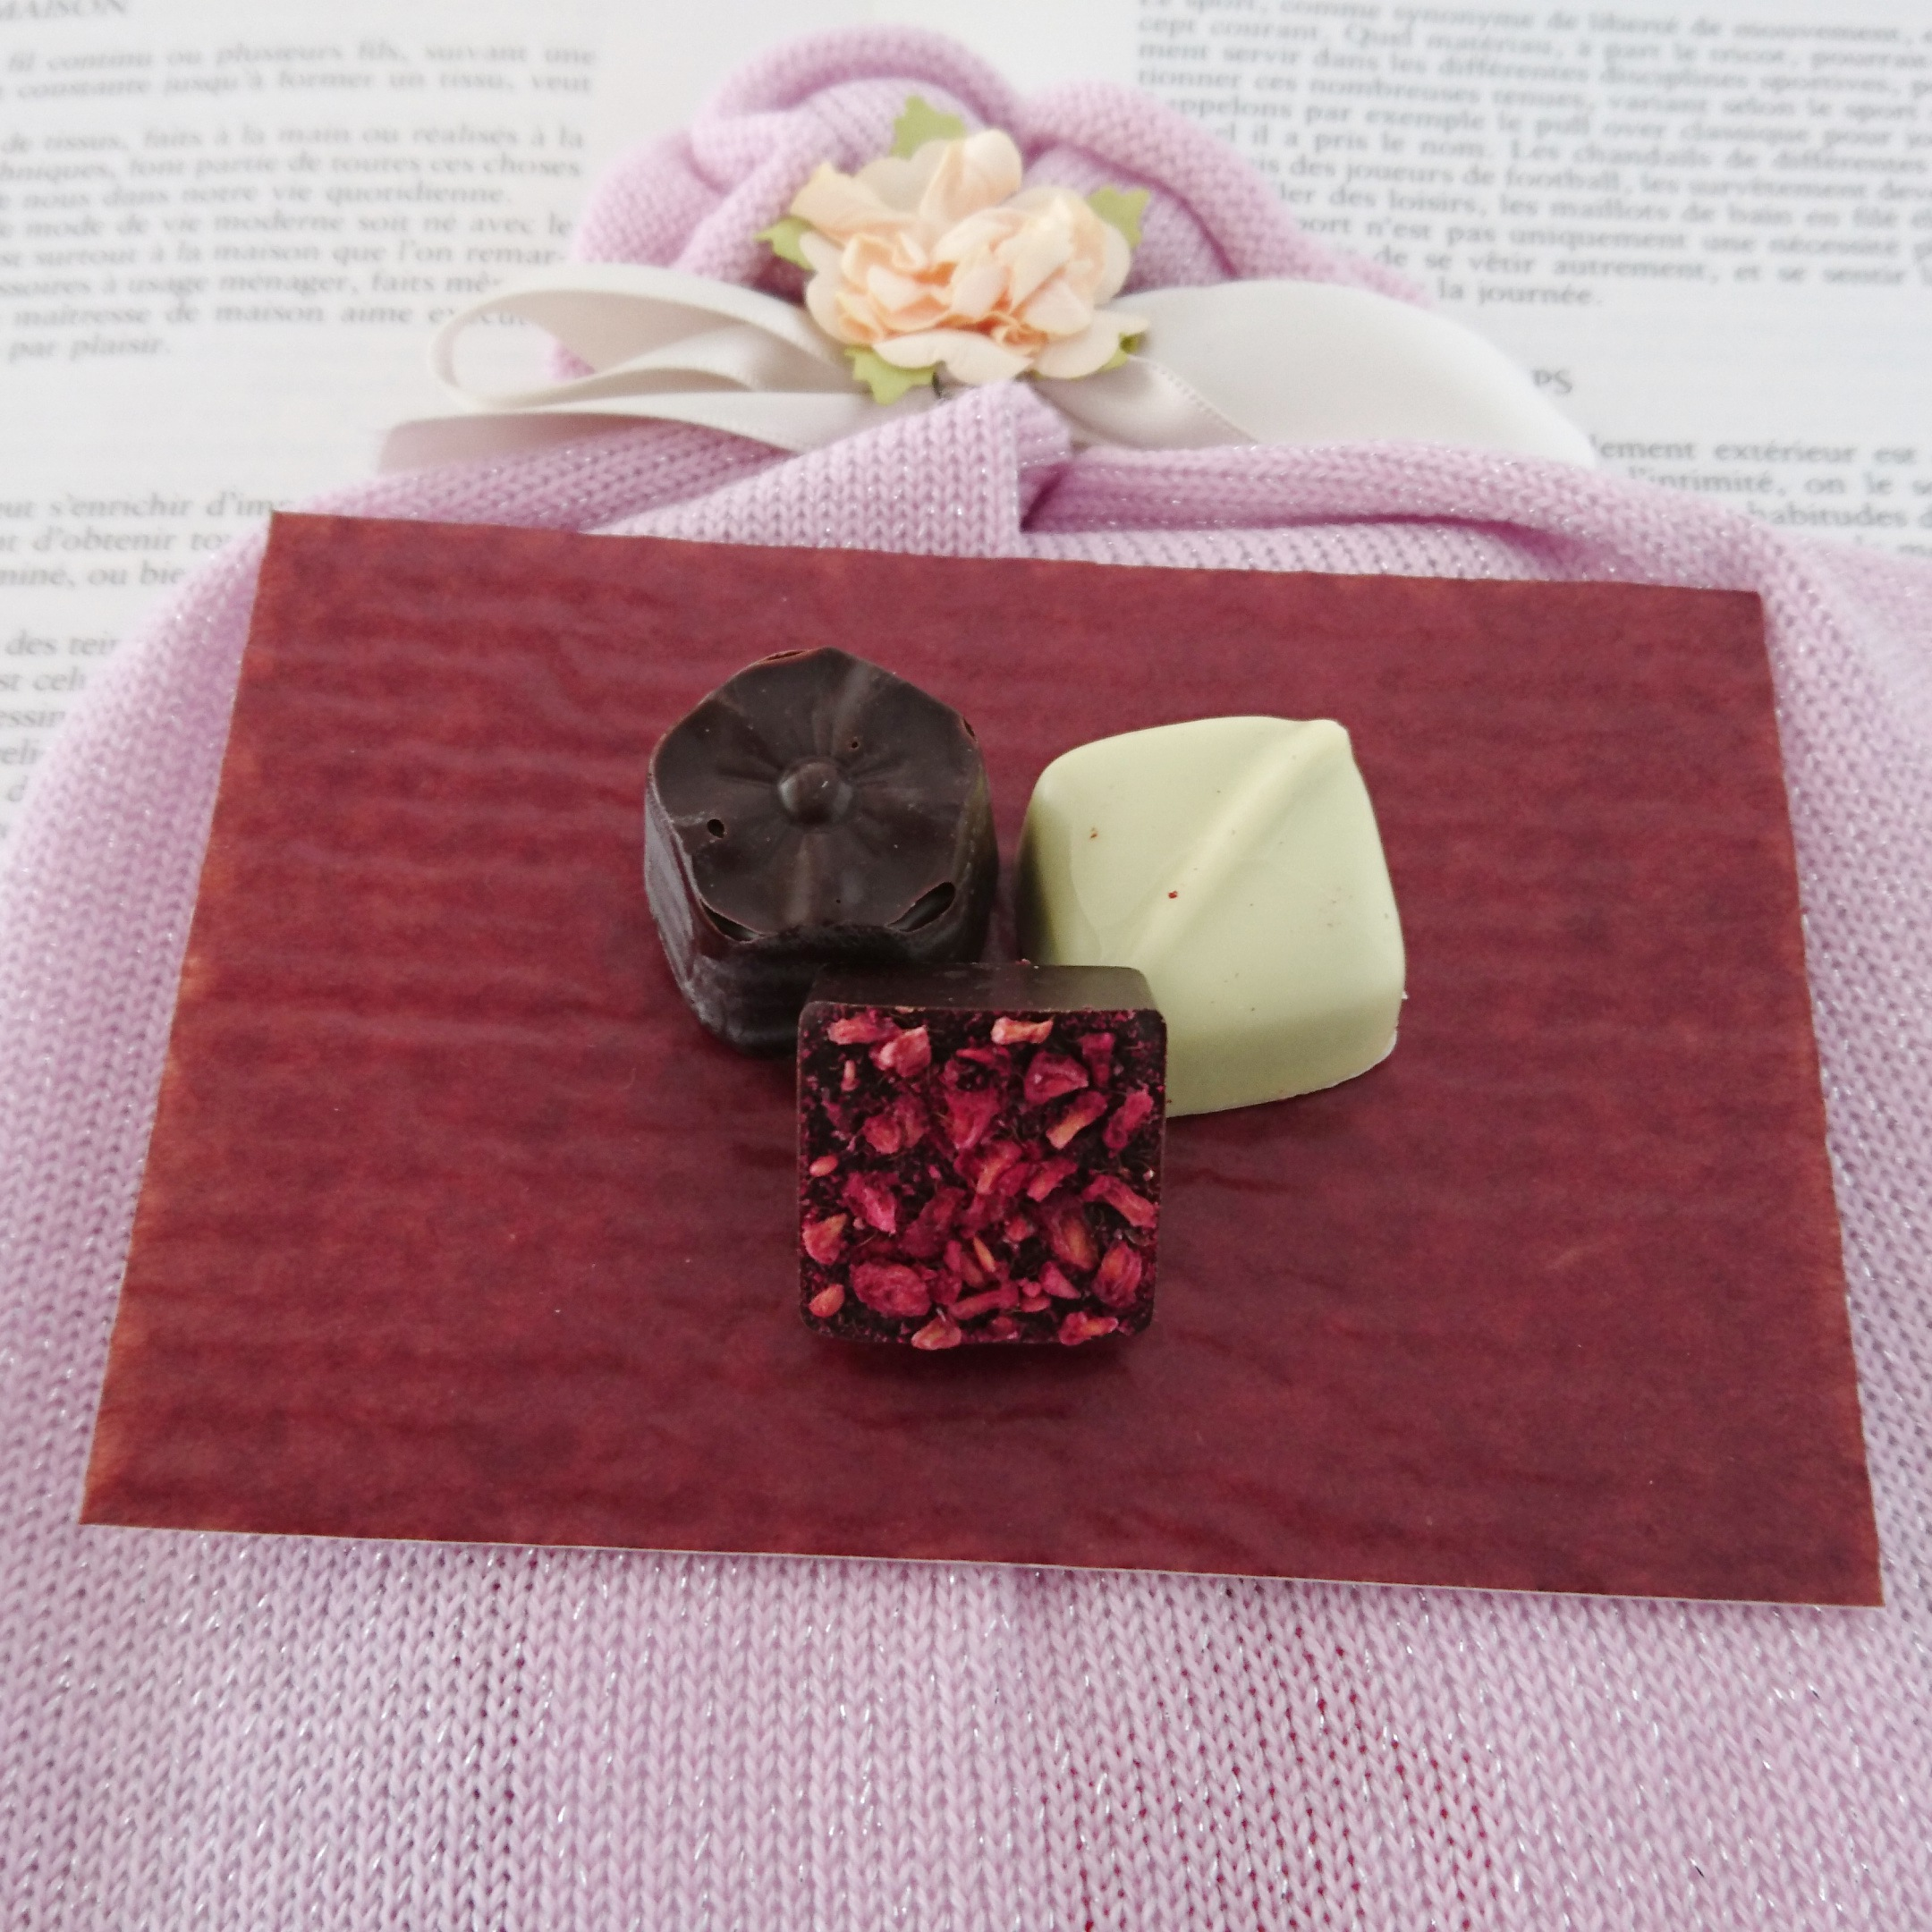 プロディガル的バレンタインはラッピングもニットです。